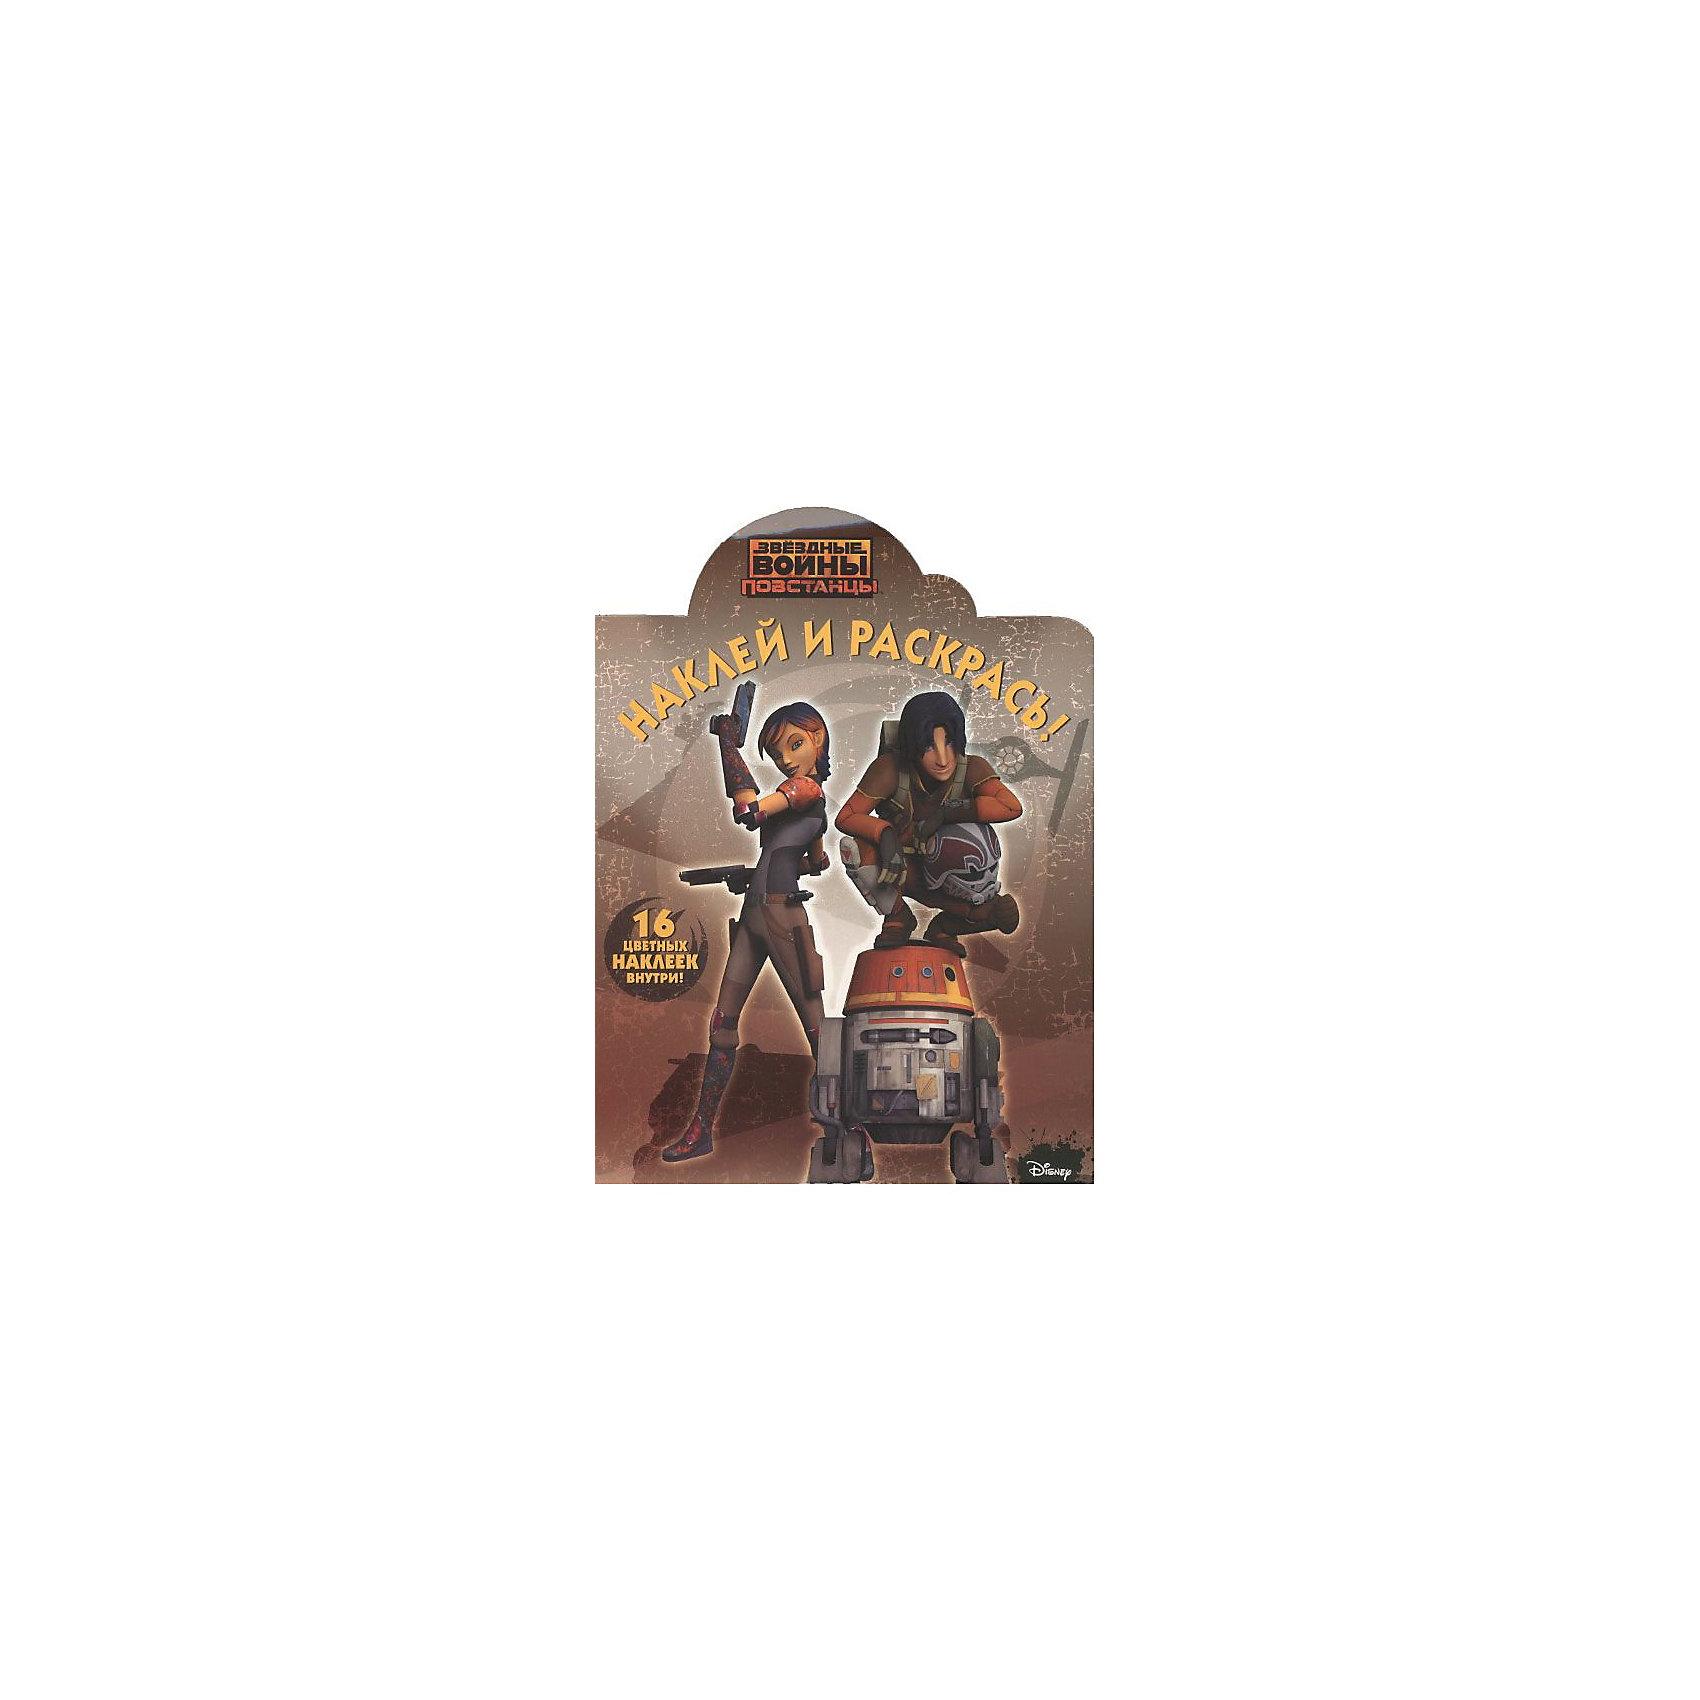 Эгмонт Раскраска с заданиями Звёздные Войны: Повстанцы эгмонт большая раскраска с наклейками русалочка принцессы дисней